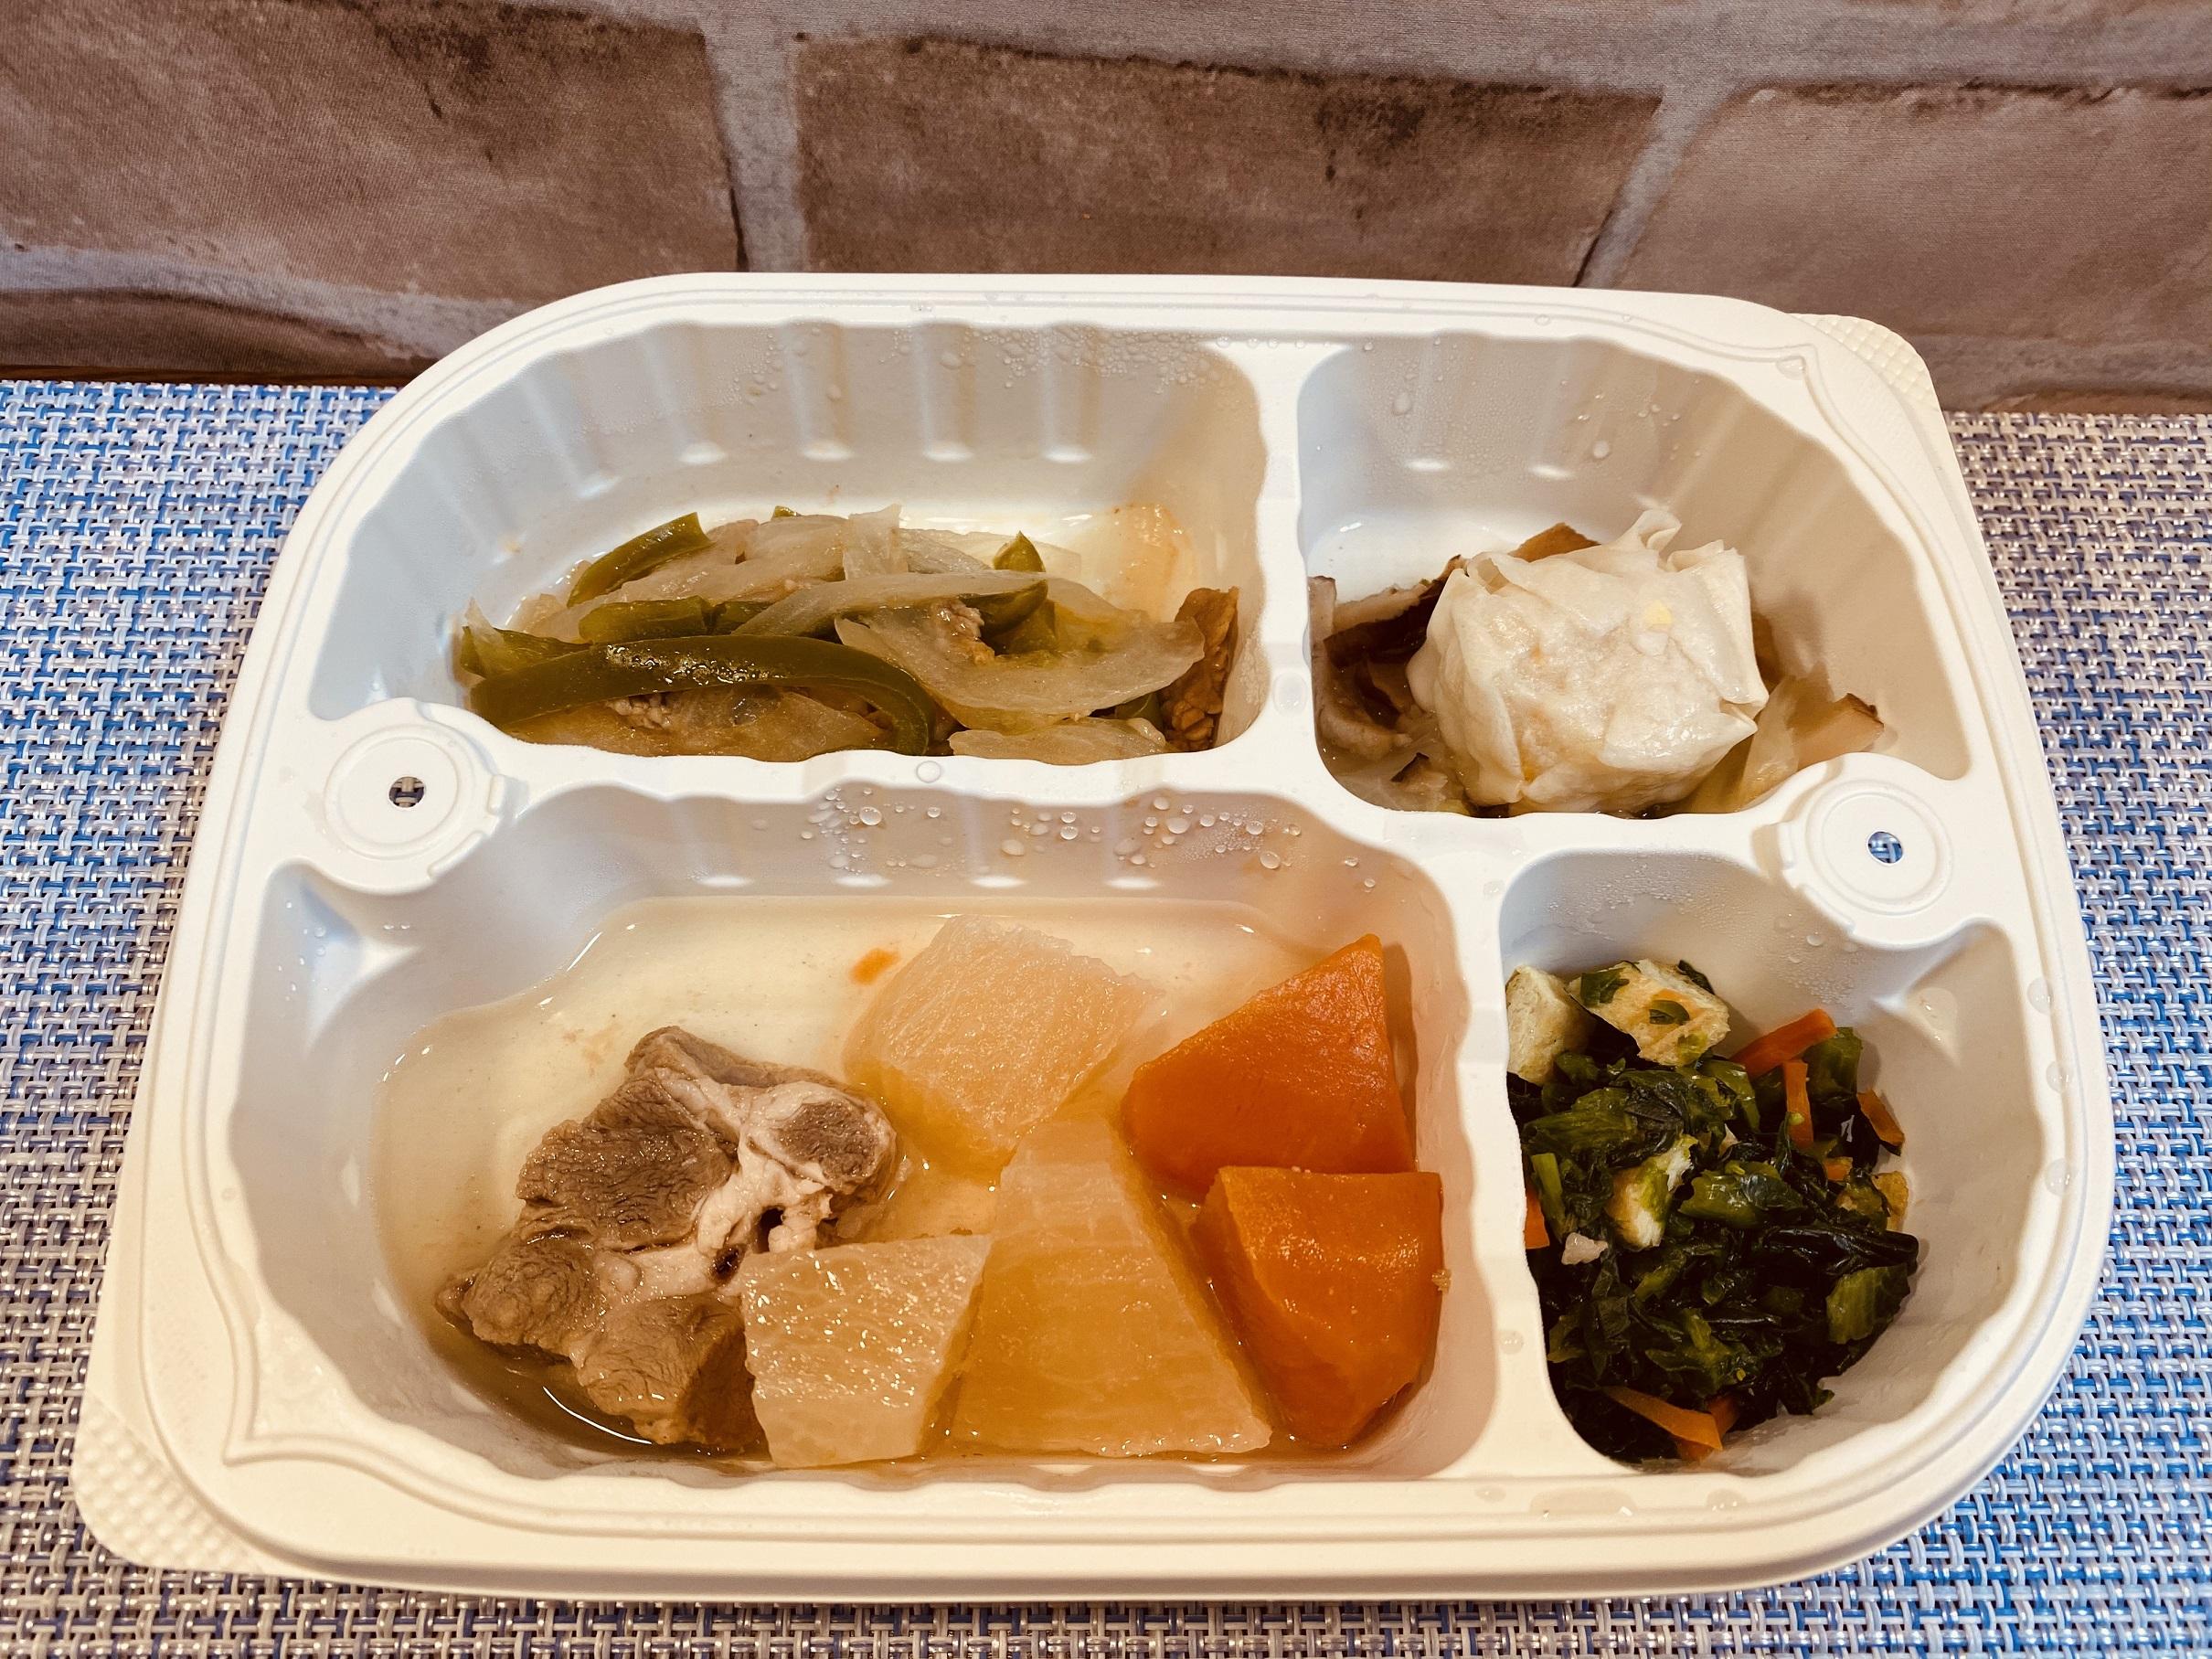 (メニューの一例)豚肉とかぶの味噌煮、牛肉の野菜炒め、コーンしゅうまい、菜の花おひたし